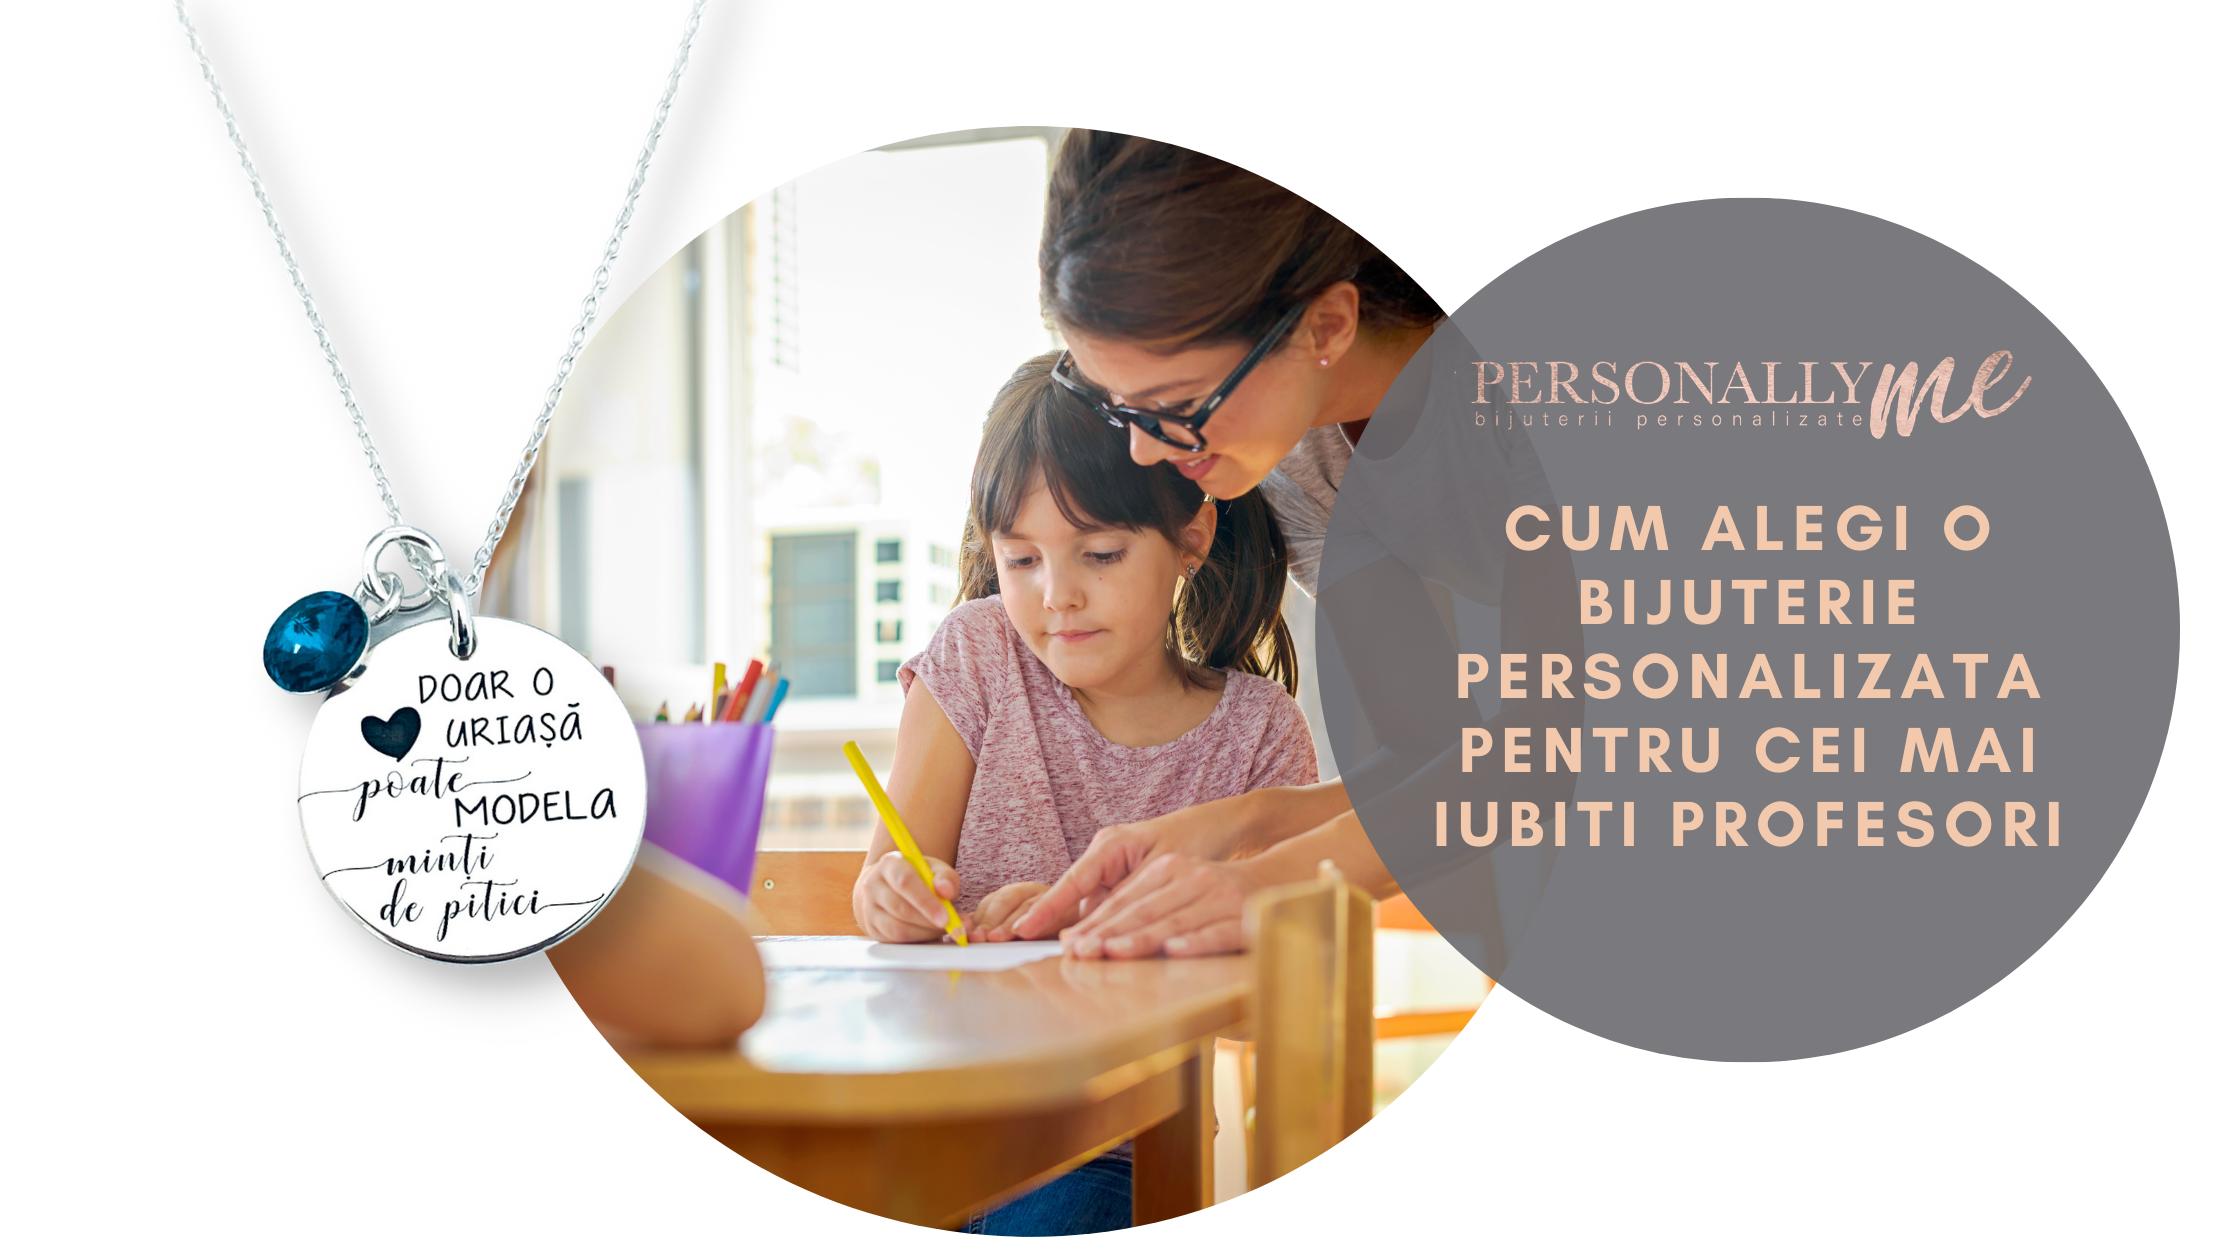 Cadouri personalizate pentru învățători, diriginți, profesori. Recomandări și idei inspirate - by Personally ME